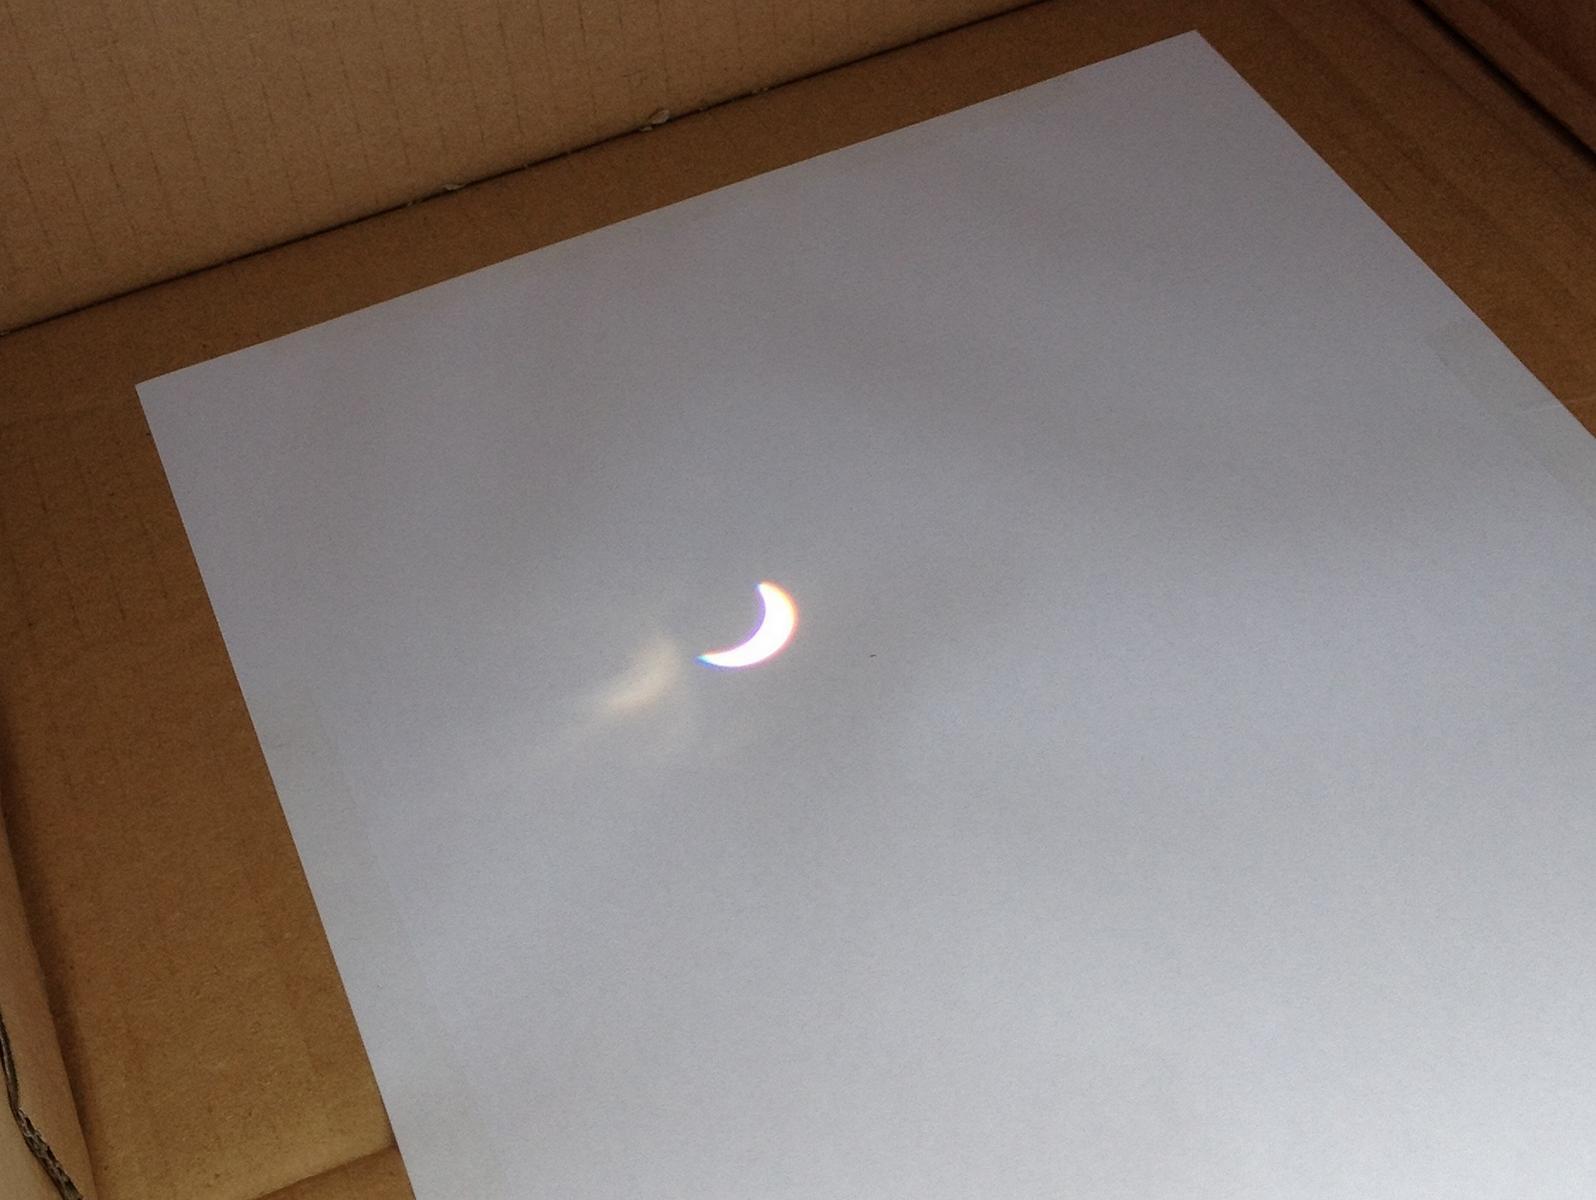 Sonnenfinsternis am 20.März 2015, 10:27 Uhr